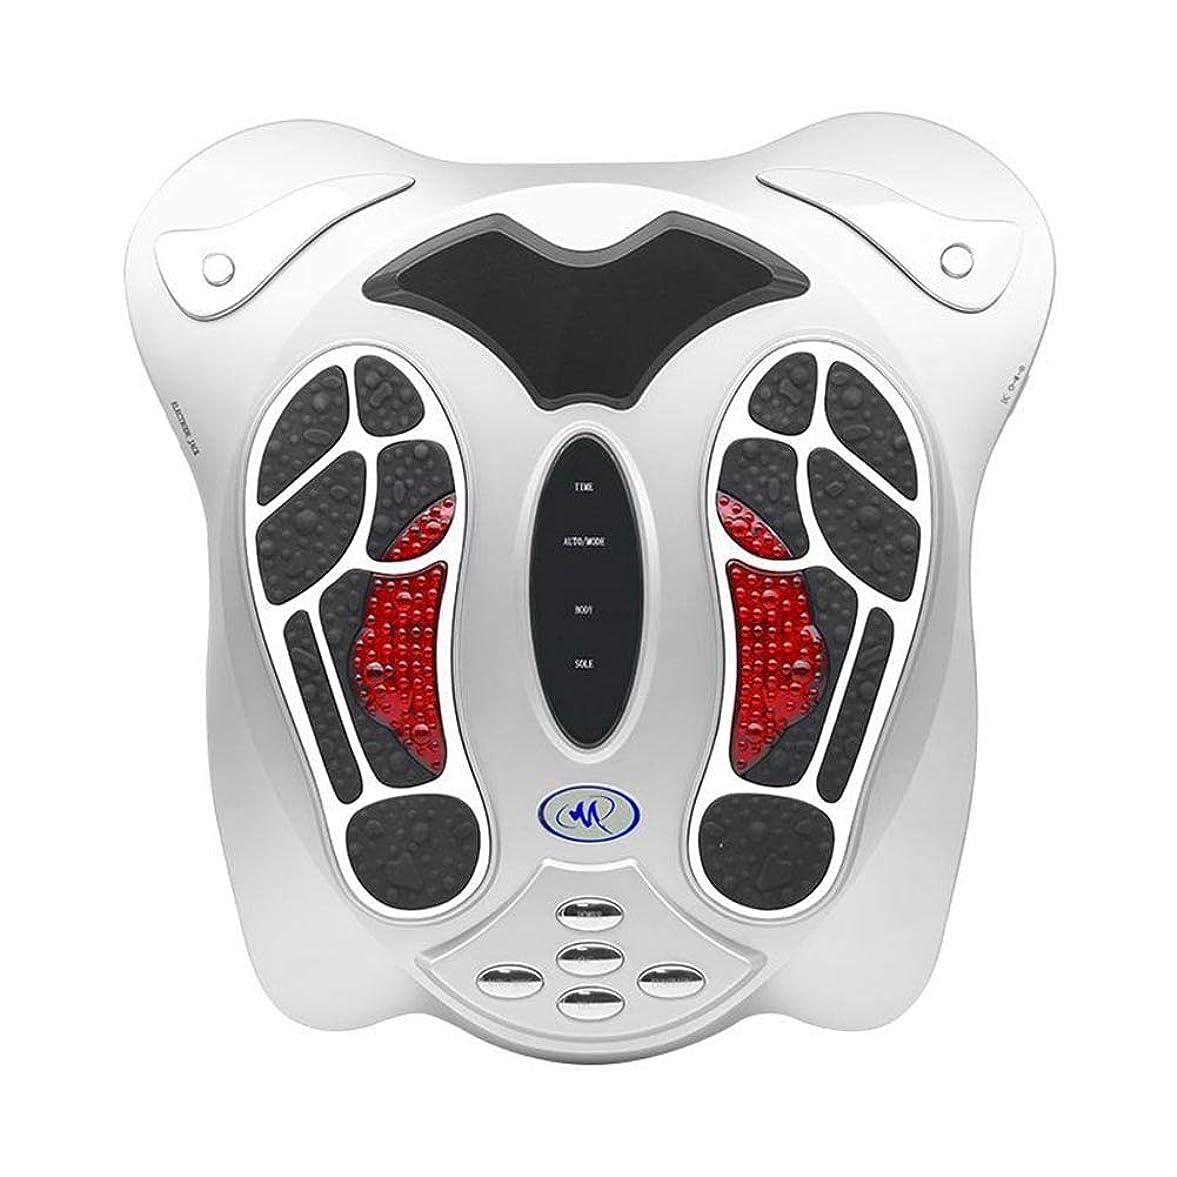 幾分湖調整可能電磁足マッサージ、血行管理コントロールと赤外線リモコンによるデザイン リラックス